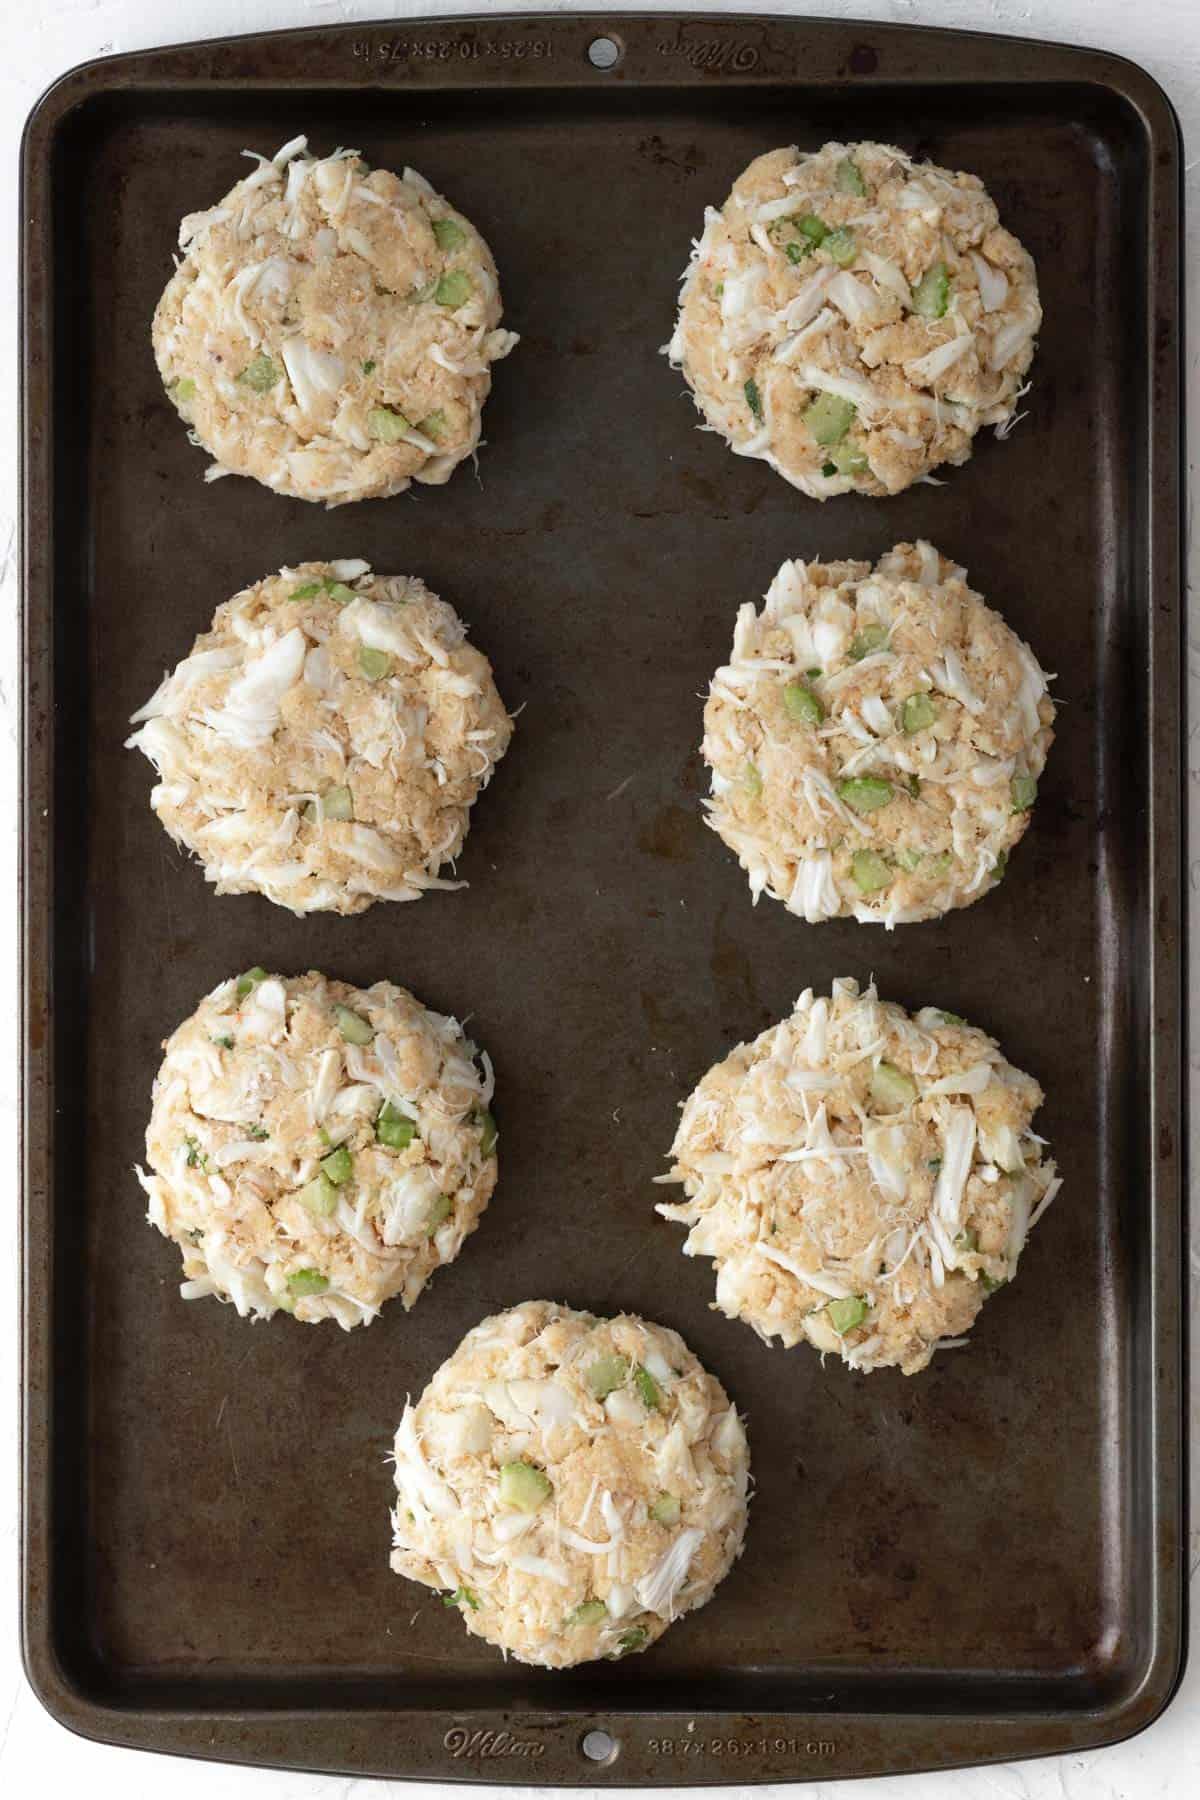 7 raw crab cakes on a metal baking sheet.